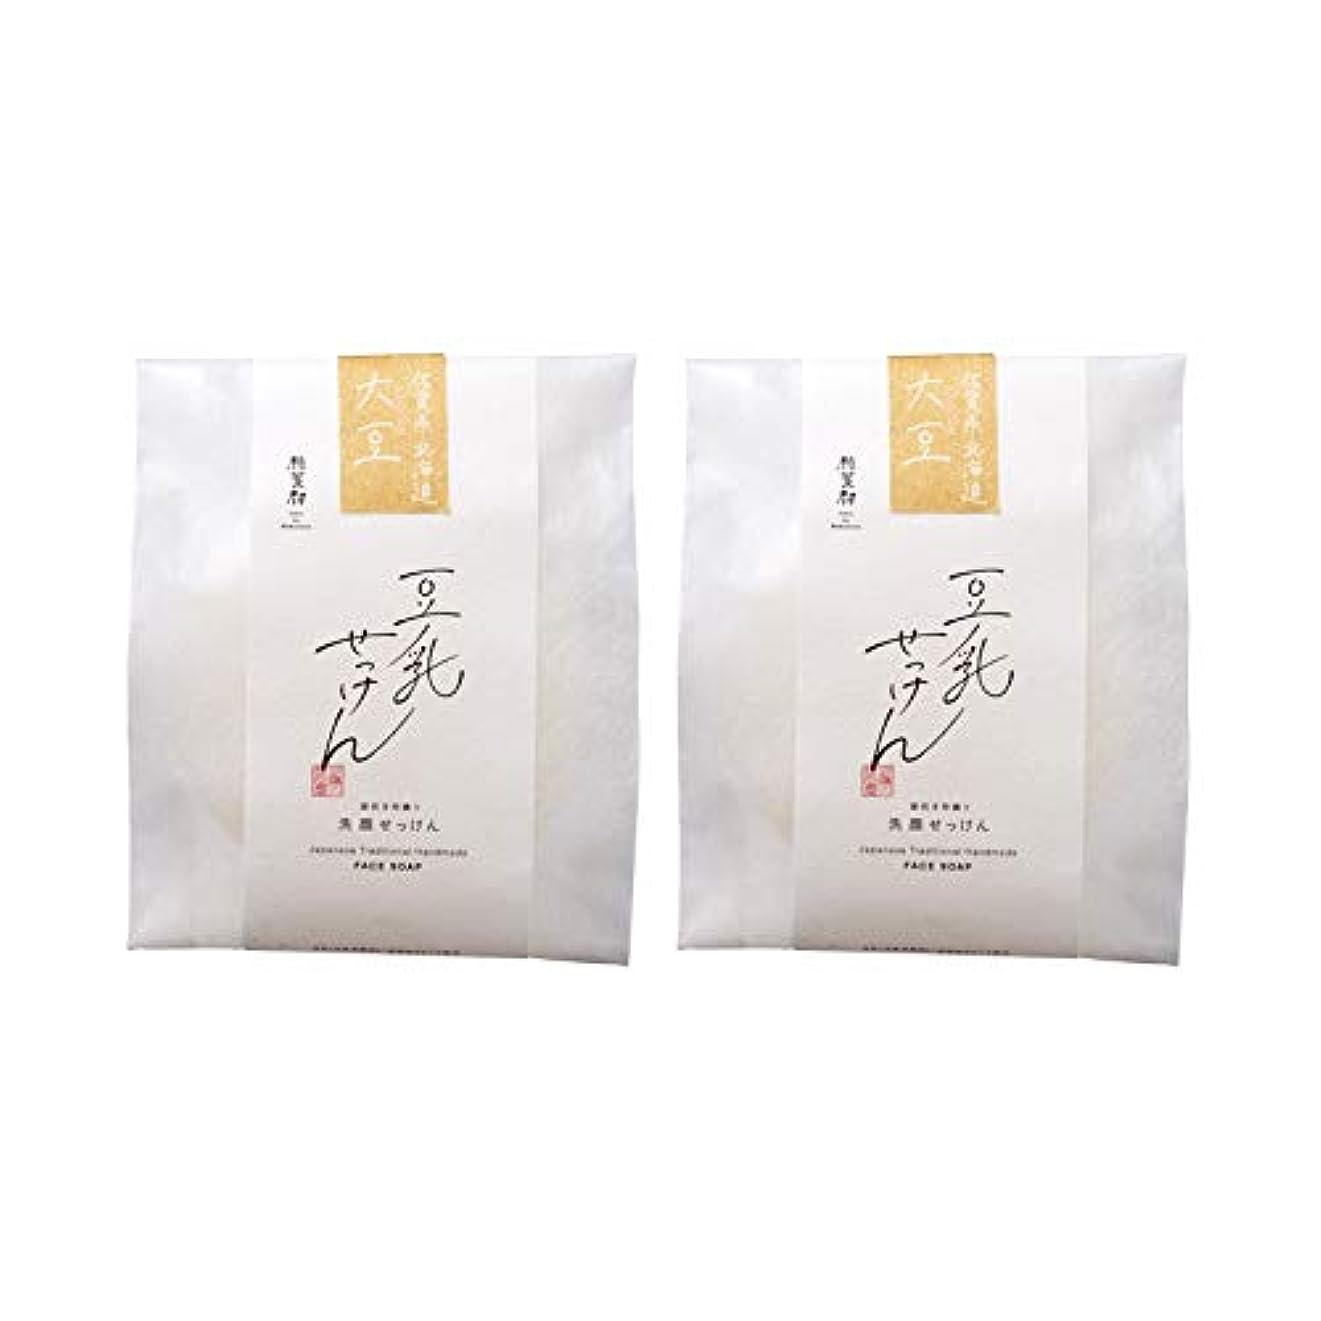 看板クモ成功する豆腐の盛田屋 豆乳せっけん 自然生活 100g×2個セット